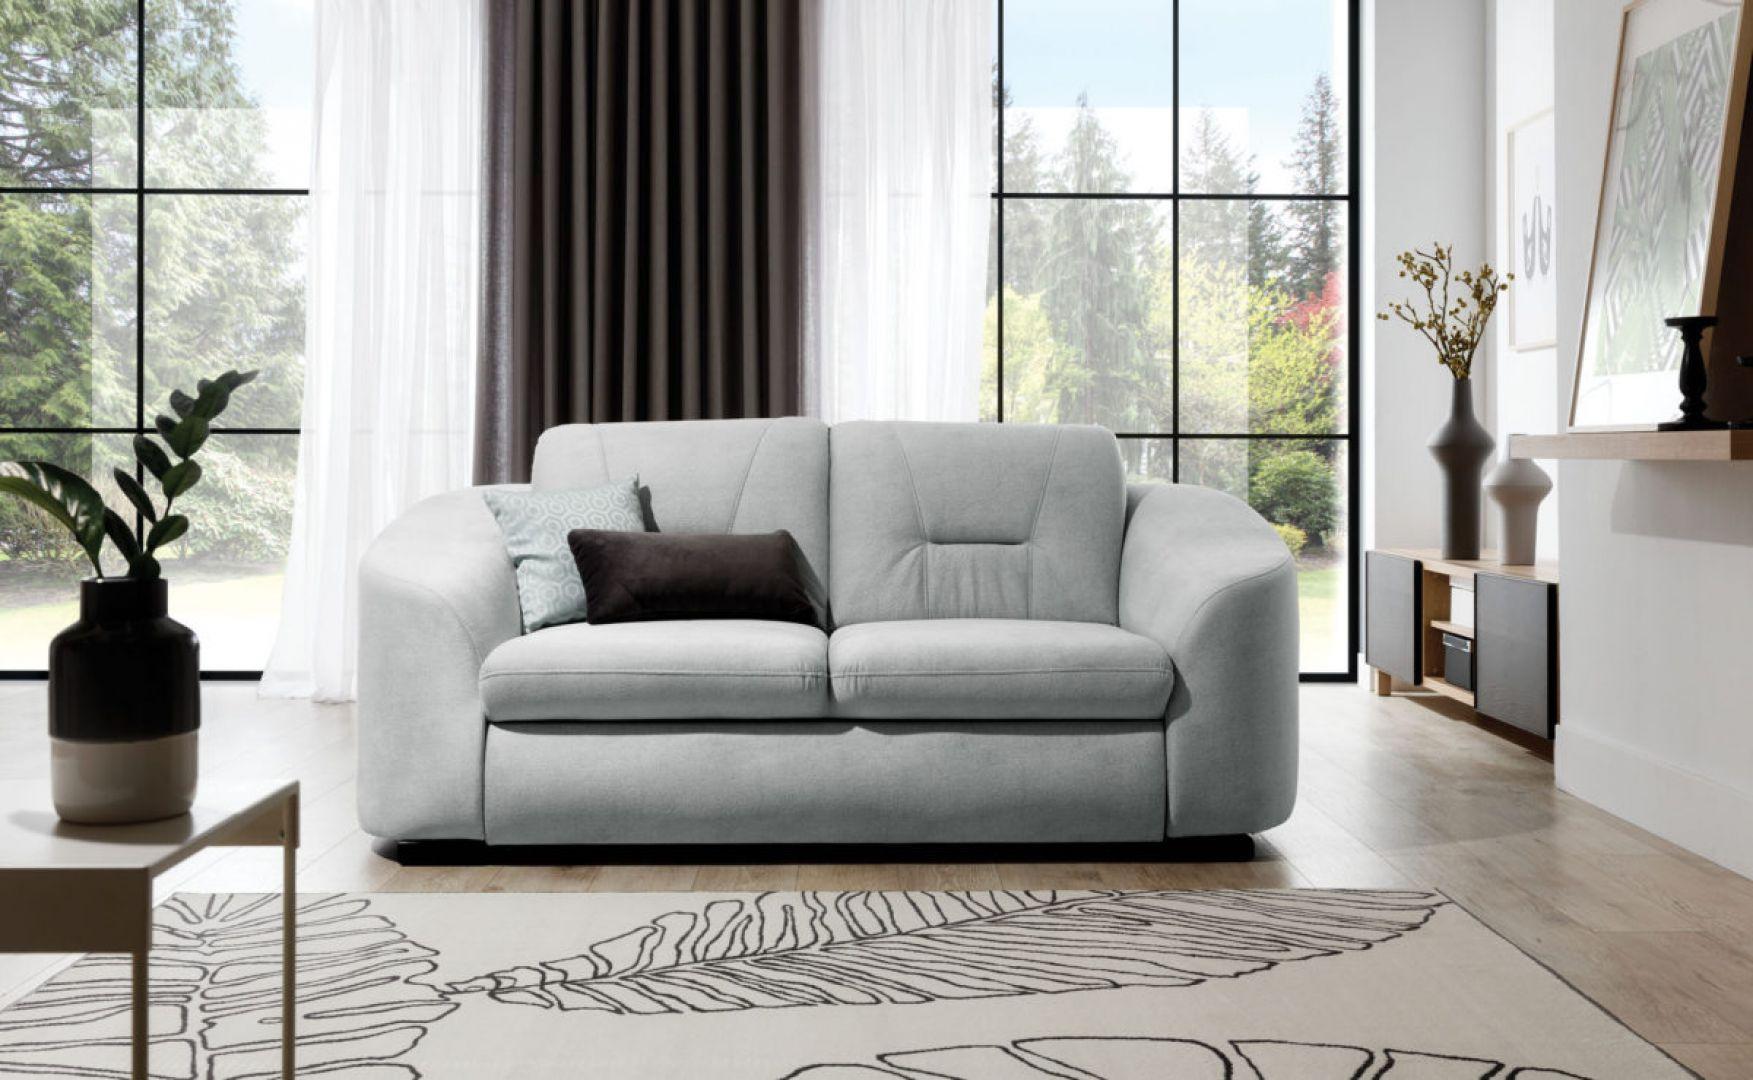 Sofa Vasto ma ładny, nowoczesny kształt i będzie świetnym wyborem do małego salonu. Fot. Stagra Meble